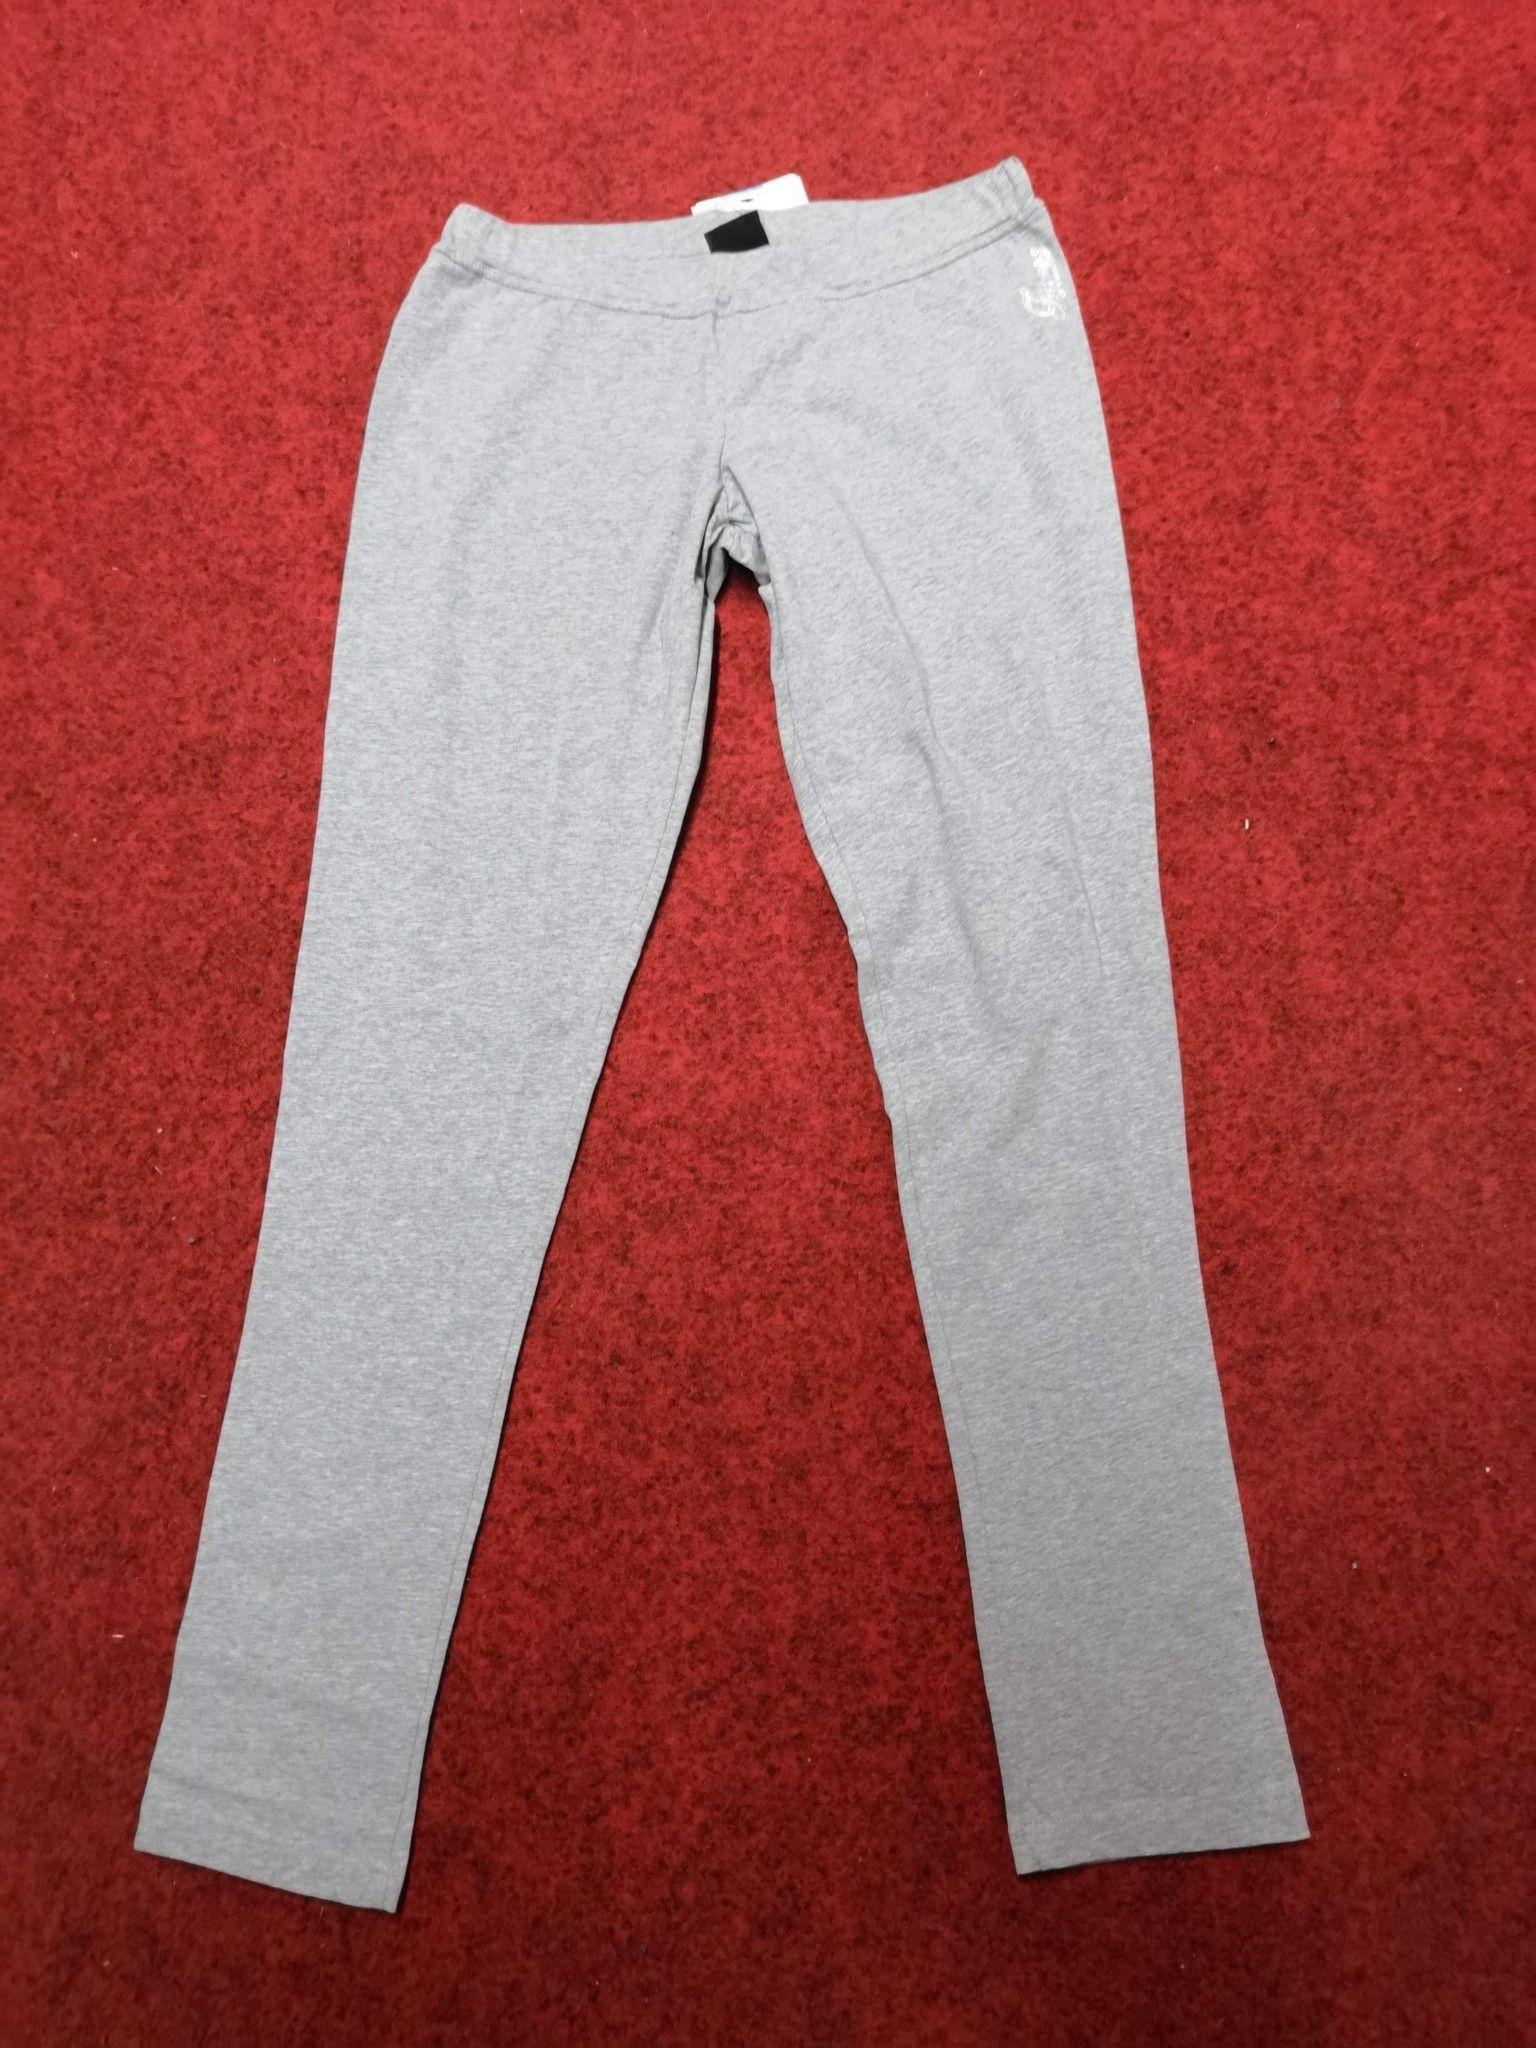 5cf9c85668 PANTALONE DONNA FITNESS BRUGI | Abbigliamento Donna Pantaloni | Shop  Online: Forchini di tutto di più